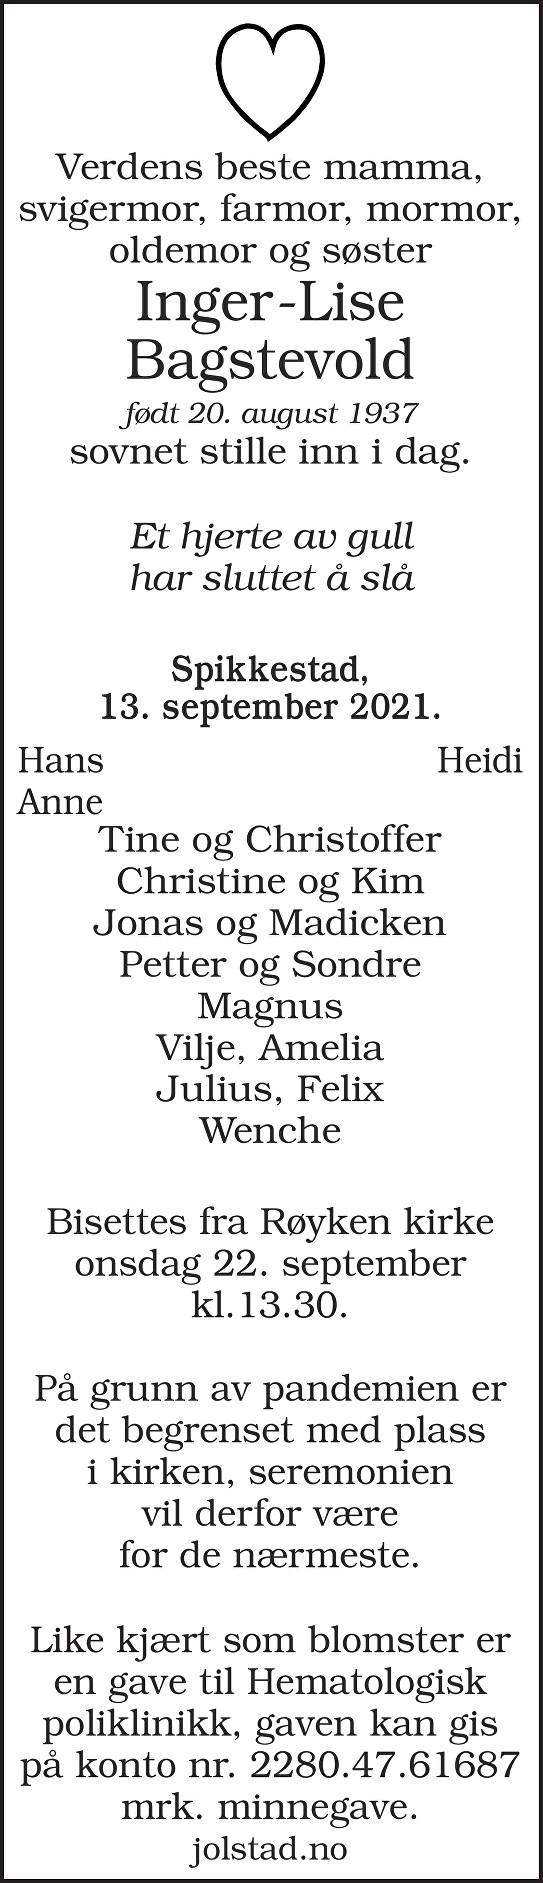 Inger-Lise Bagstevold Dødsannonse